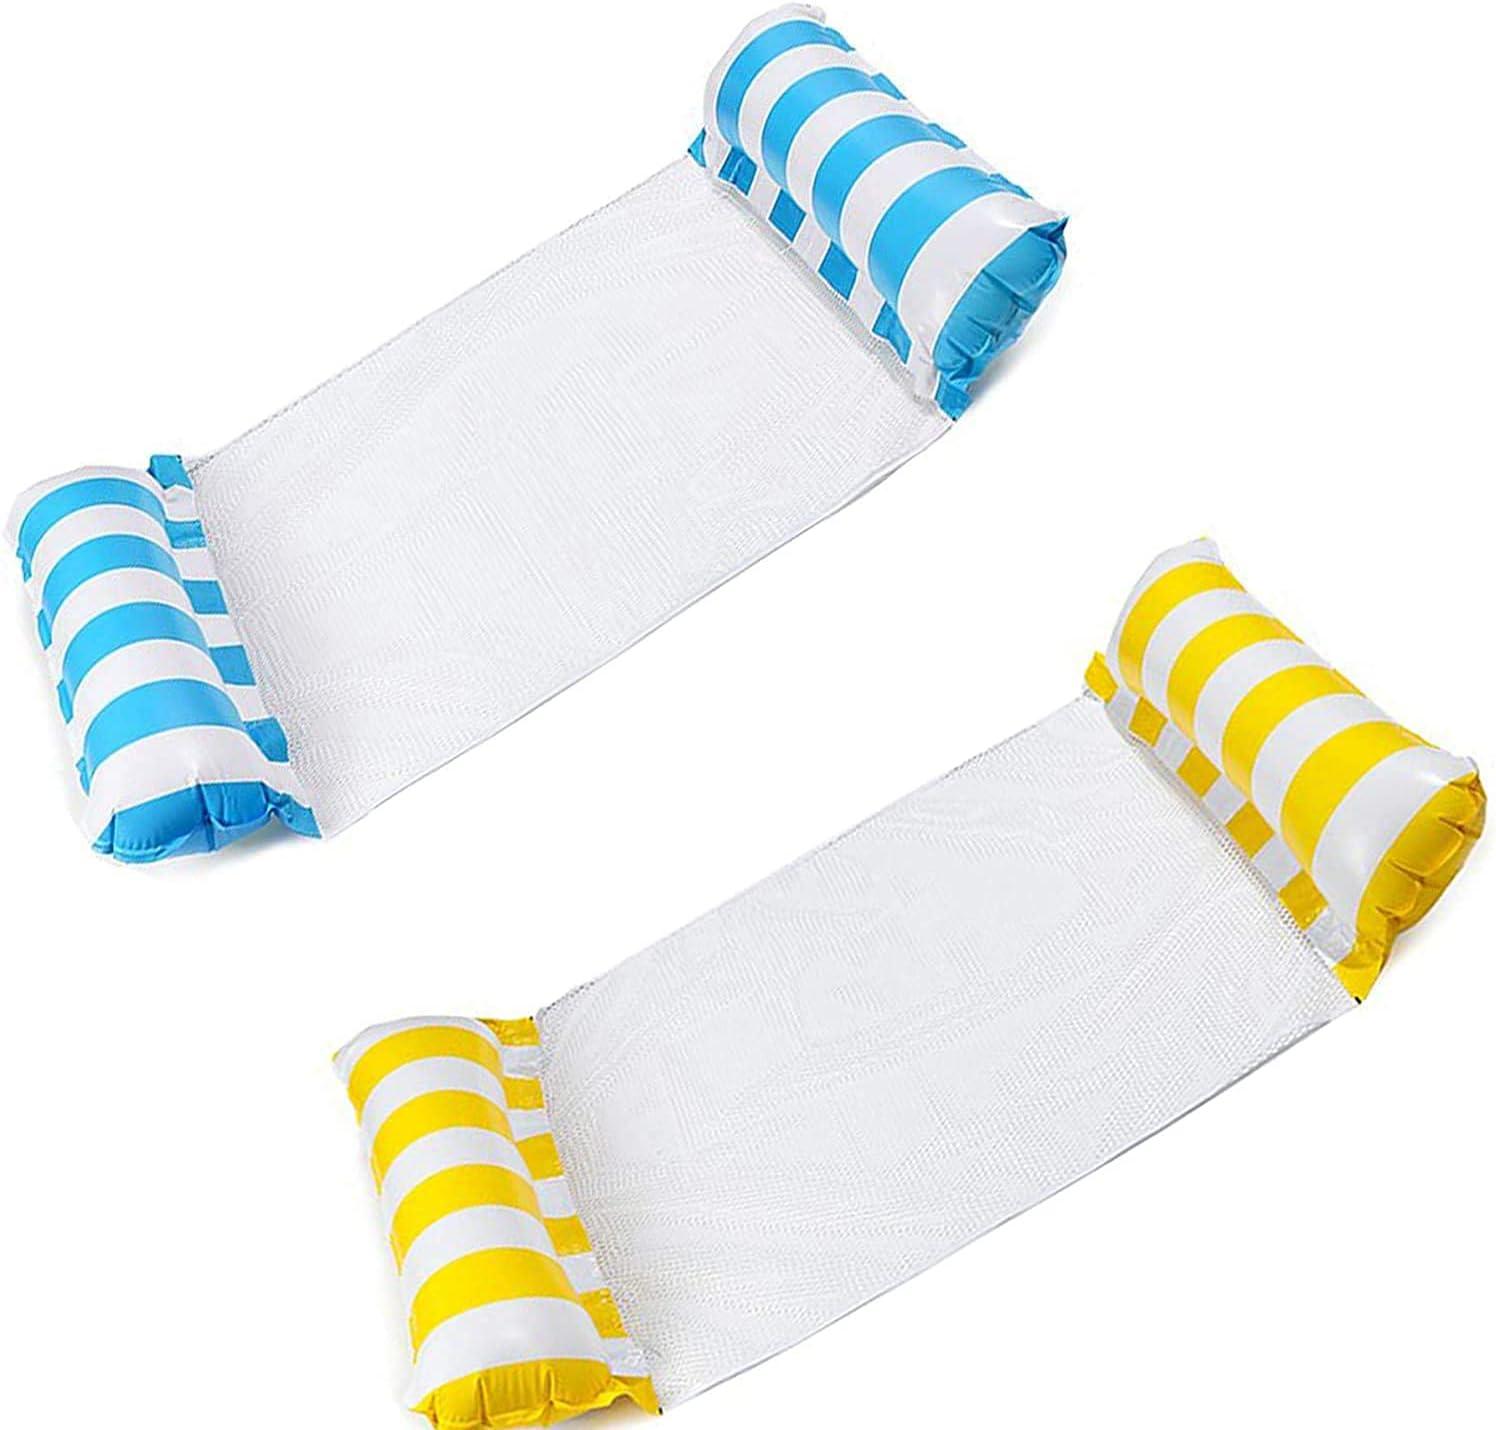 Kakeyi 2 colchonetas hinchables para piscina, hamaca, cama de natación, 4 en 1, hamaca, para piscina, playa, azul y naranja